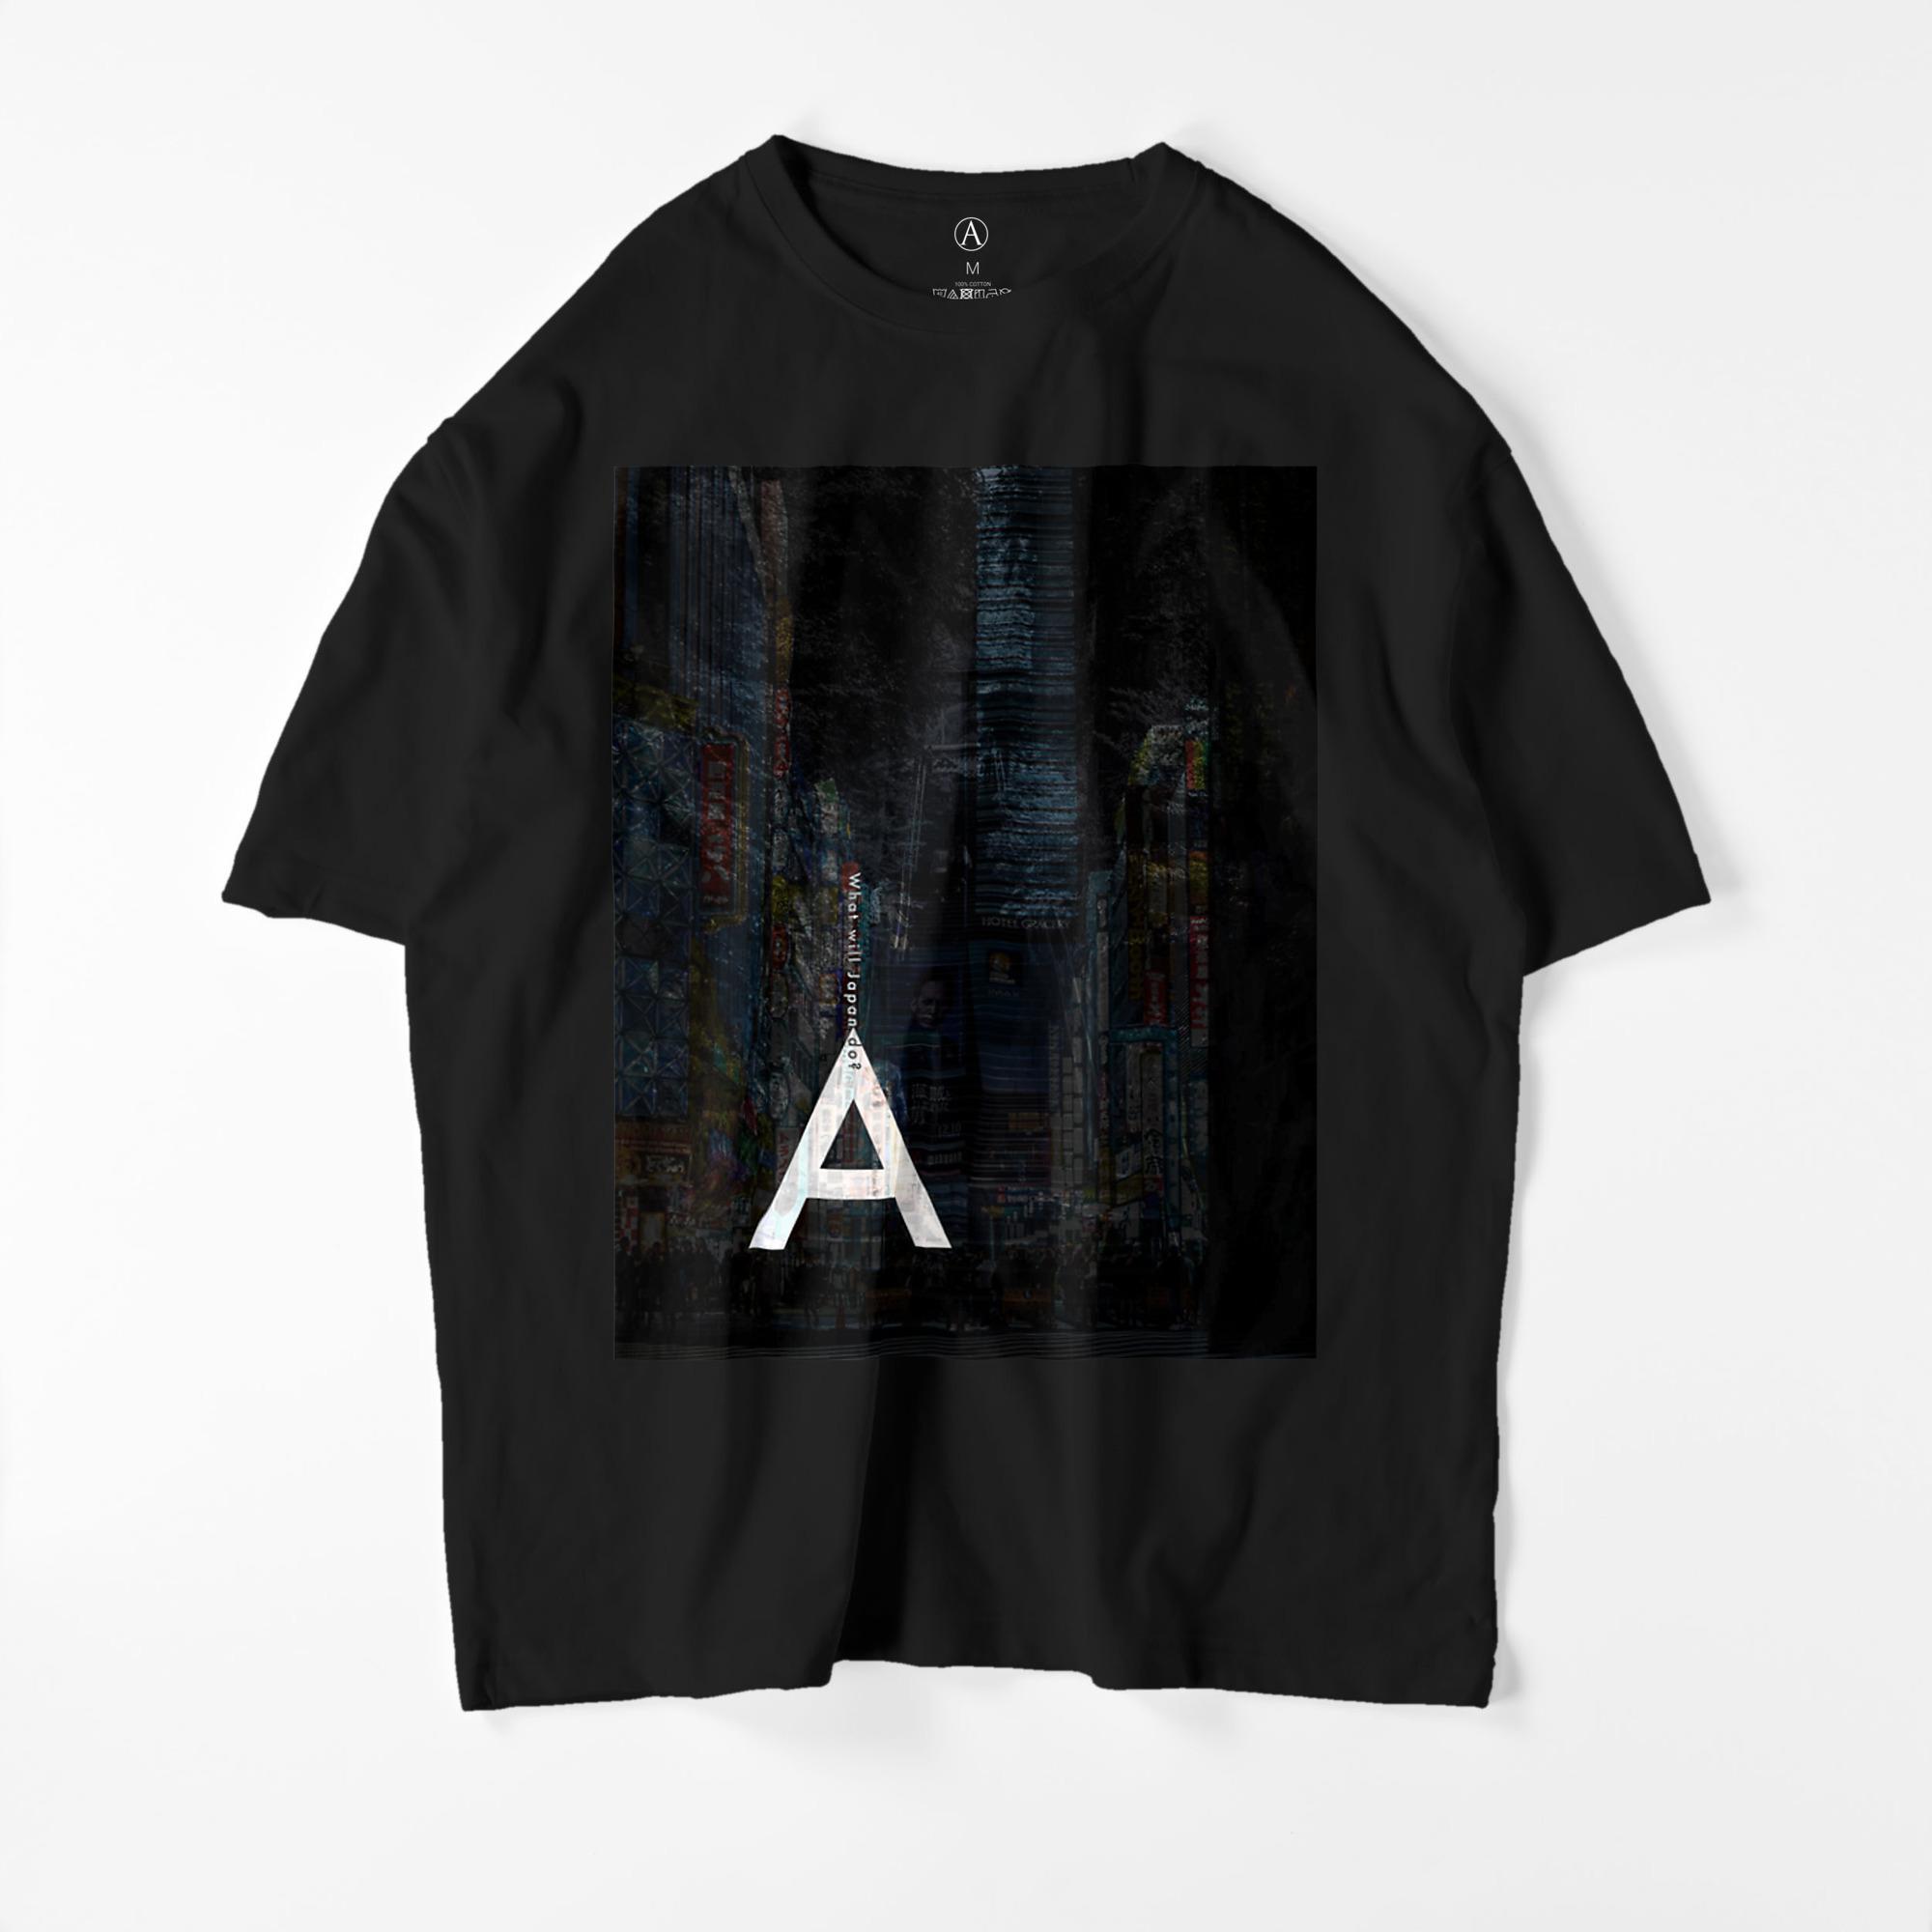 WWJD ビッグシルエットTシャツ ブラック / Mens